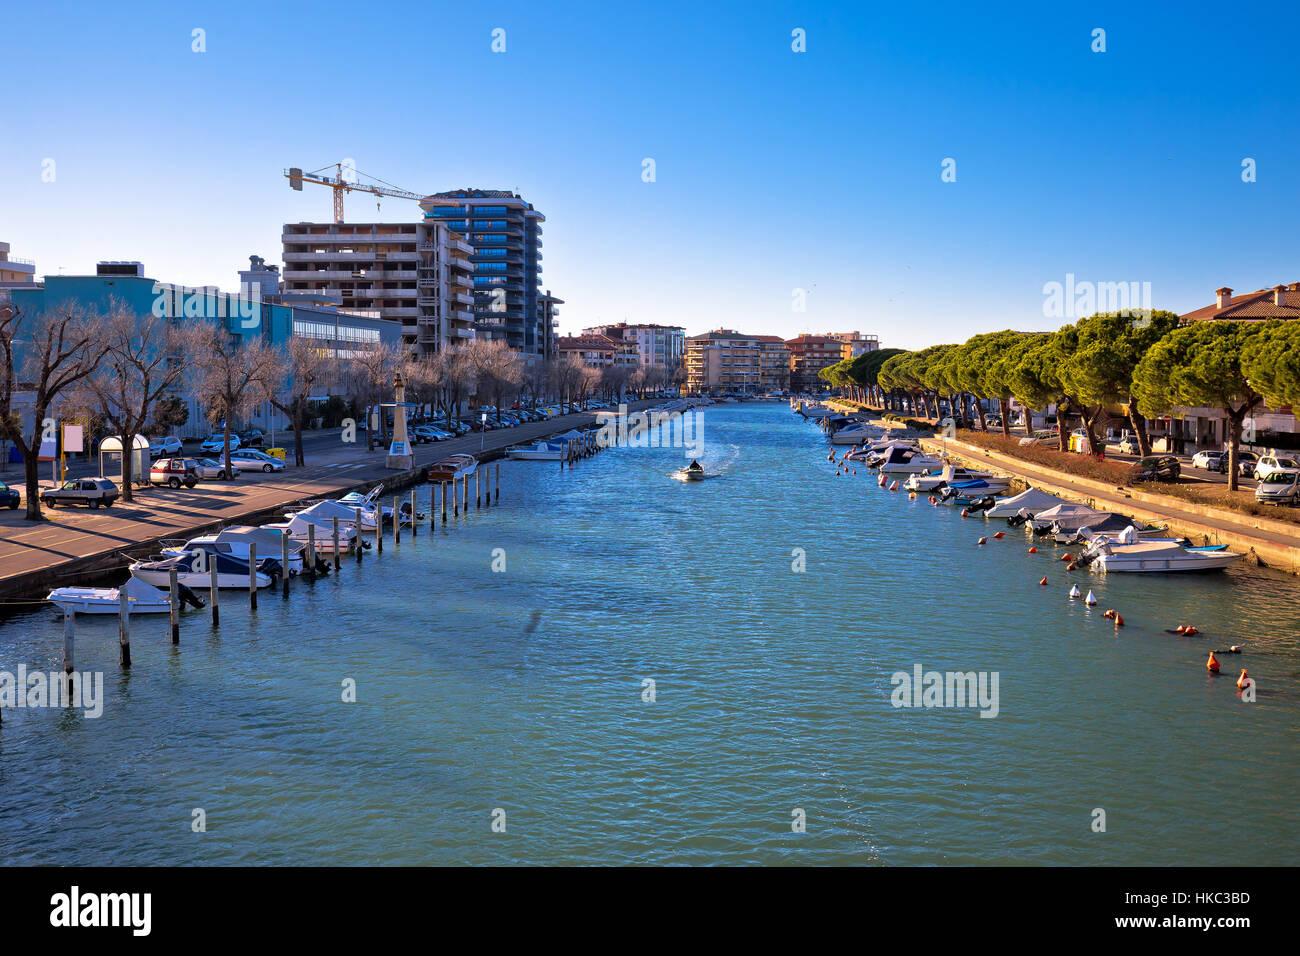 Town of Grado channel coast view, Friuli-Venezia Giulia region of Italy - Stock Image